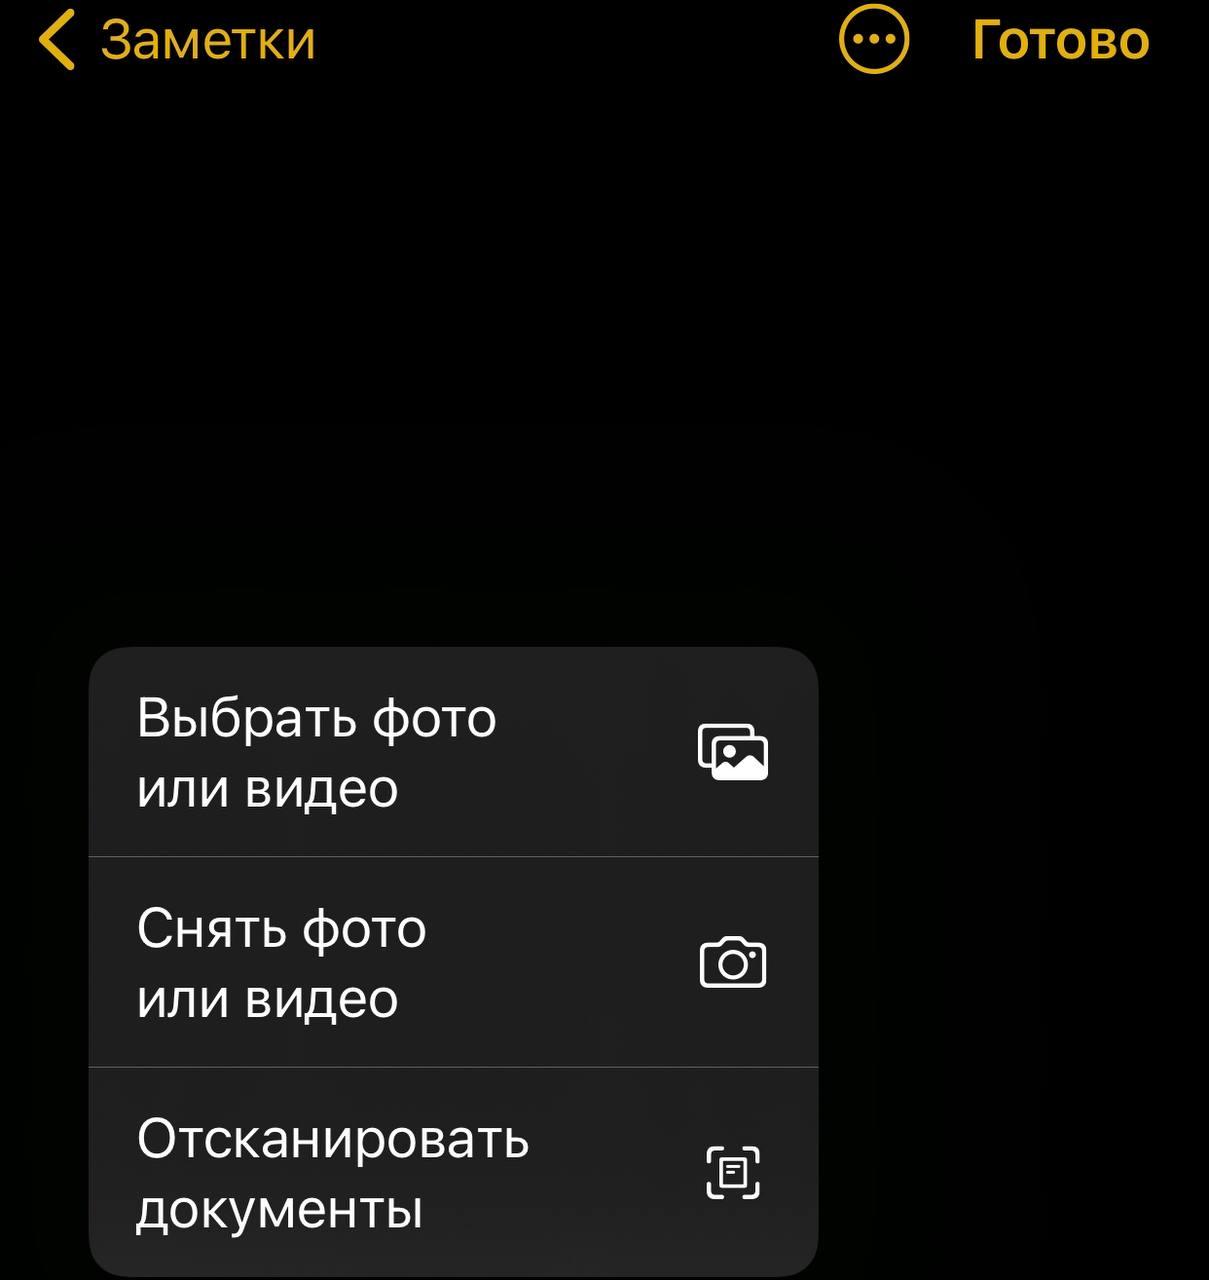 Секреты IOS: 5 скрытых функций iPhone, о которых должен знать каждый   - фото 4